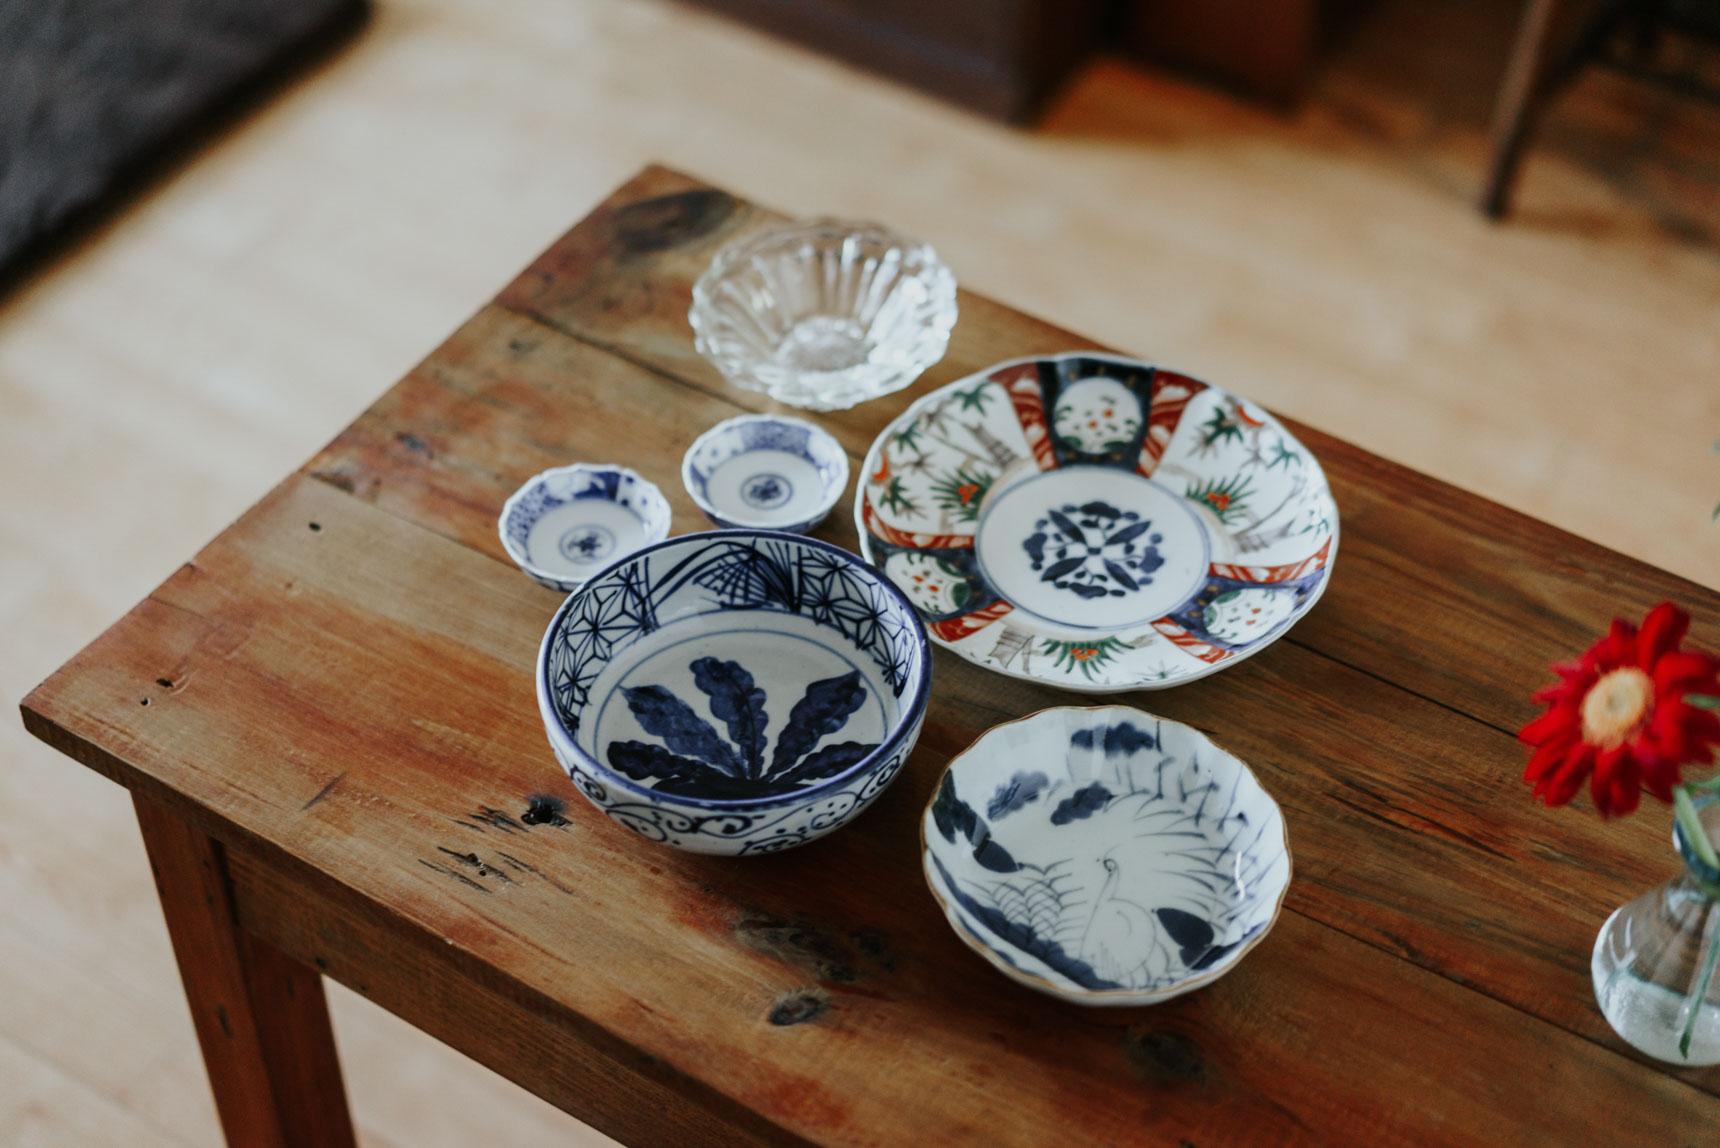 器も、骨董市で見つけた和食器を大事に使っています。